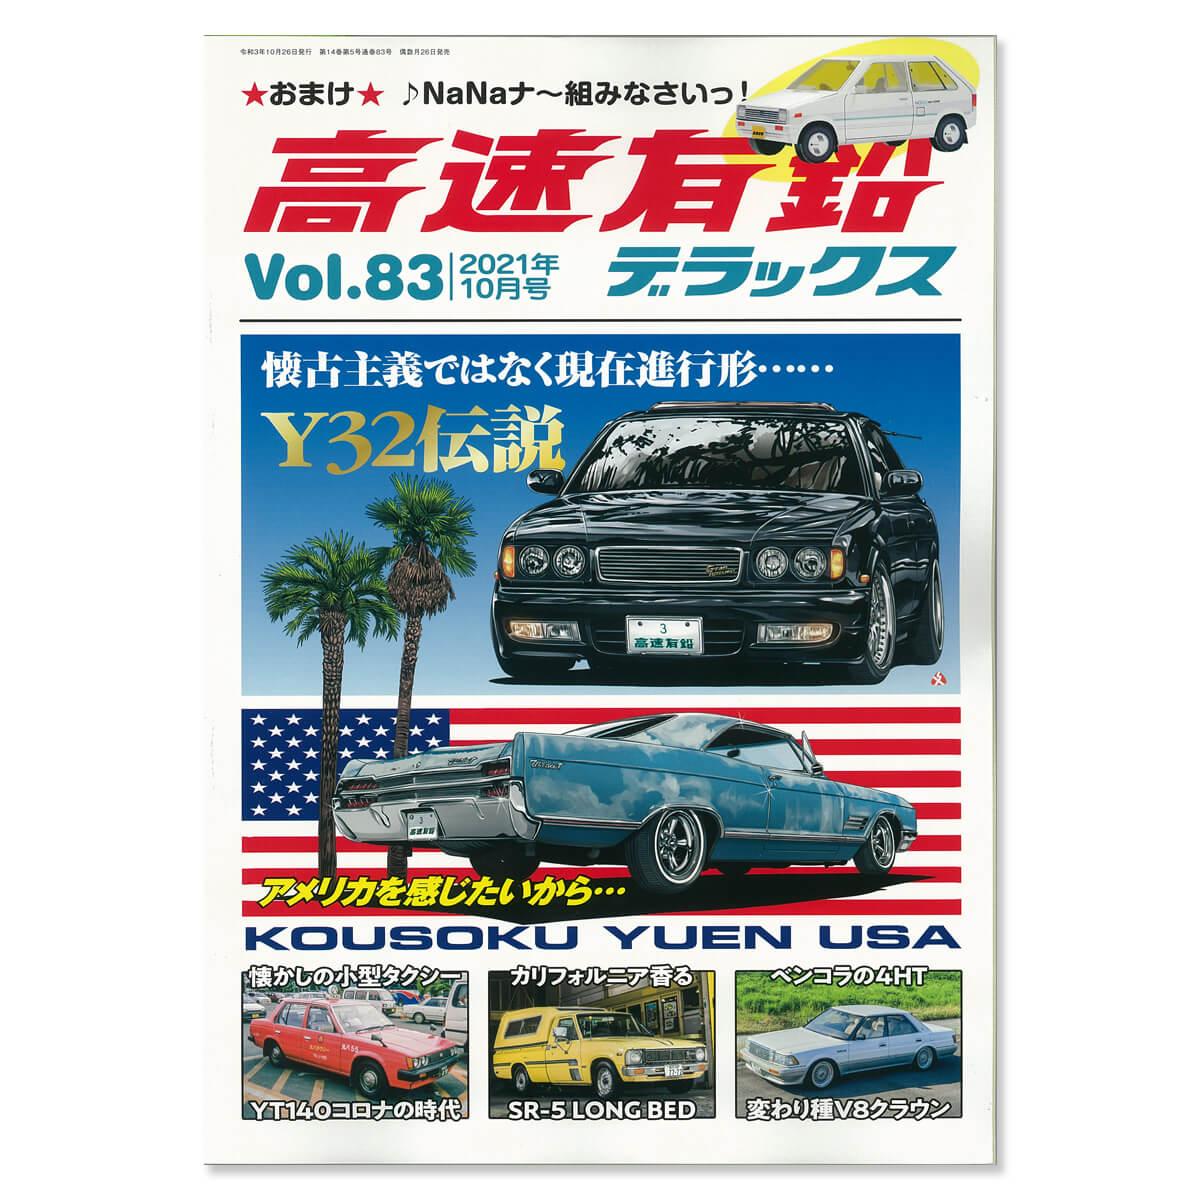 日本未発売 高速有鉛デラックス 高速有鉛 旧車 買取 エンスー マニア 雑誌 83 2021年 Vol. カーマガジン 車雑誌 10月号